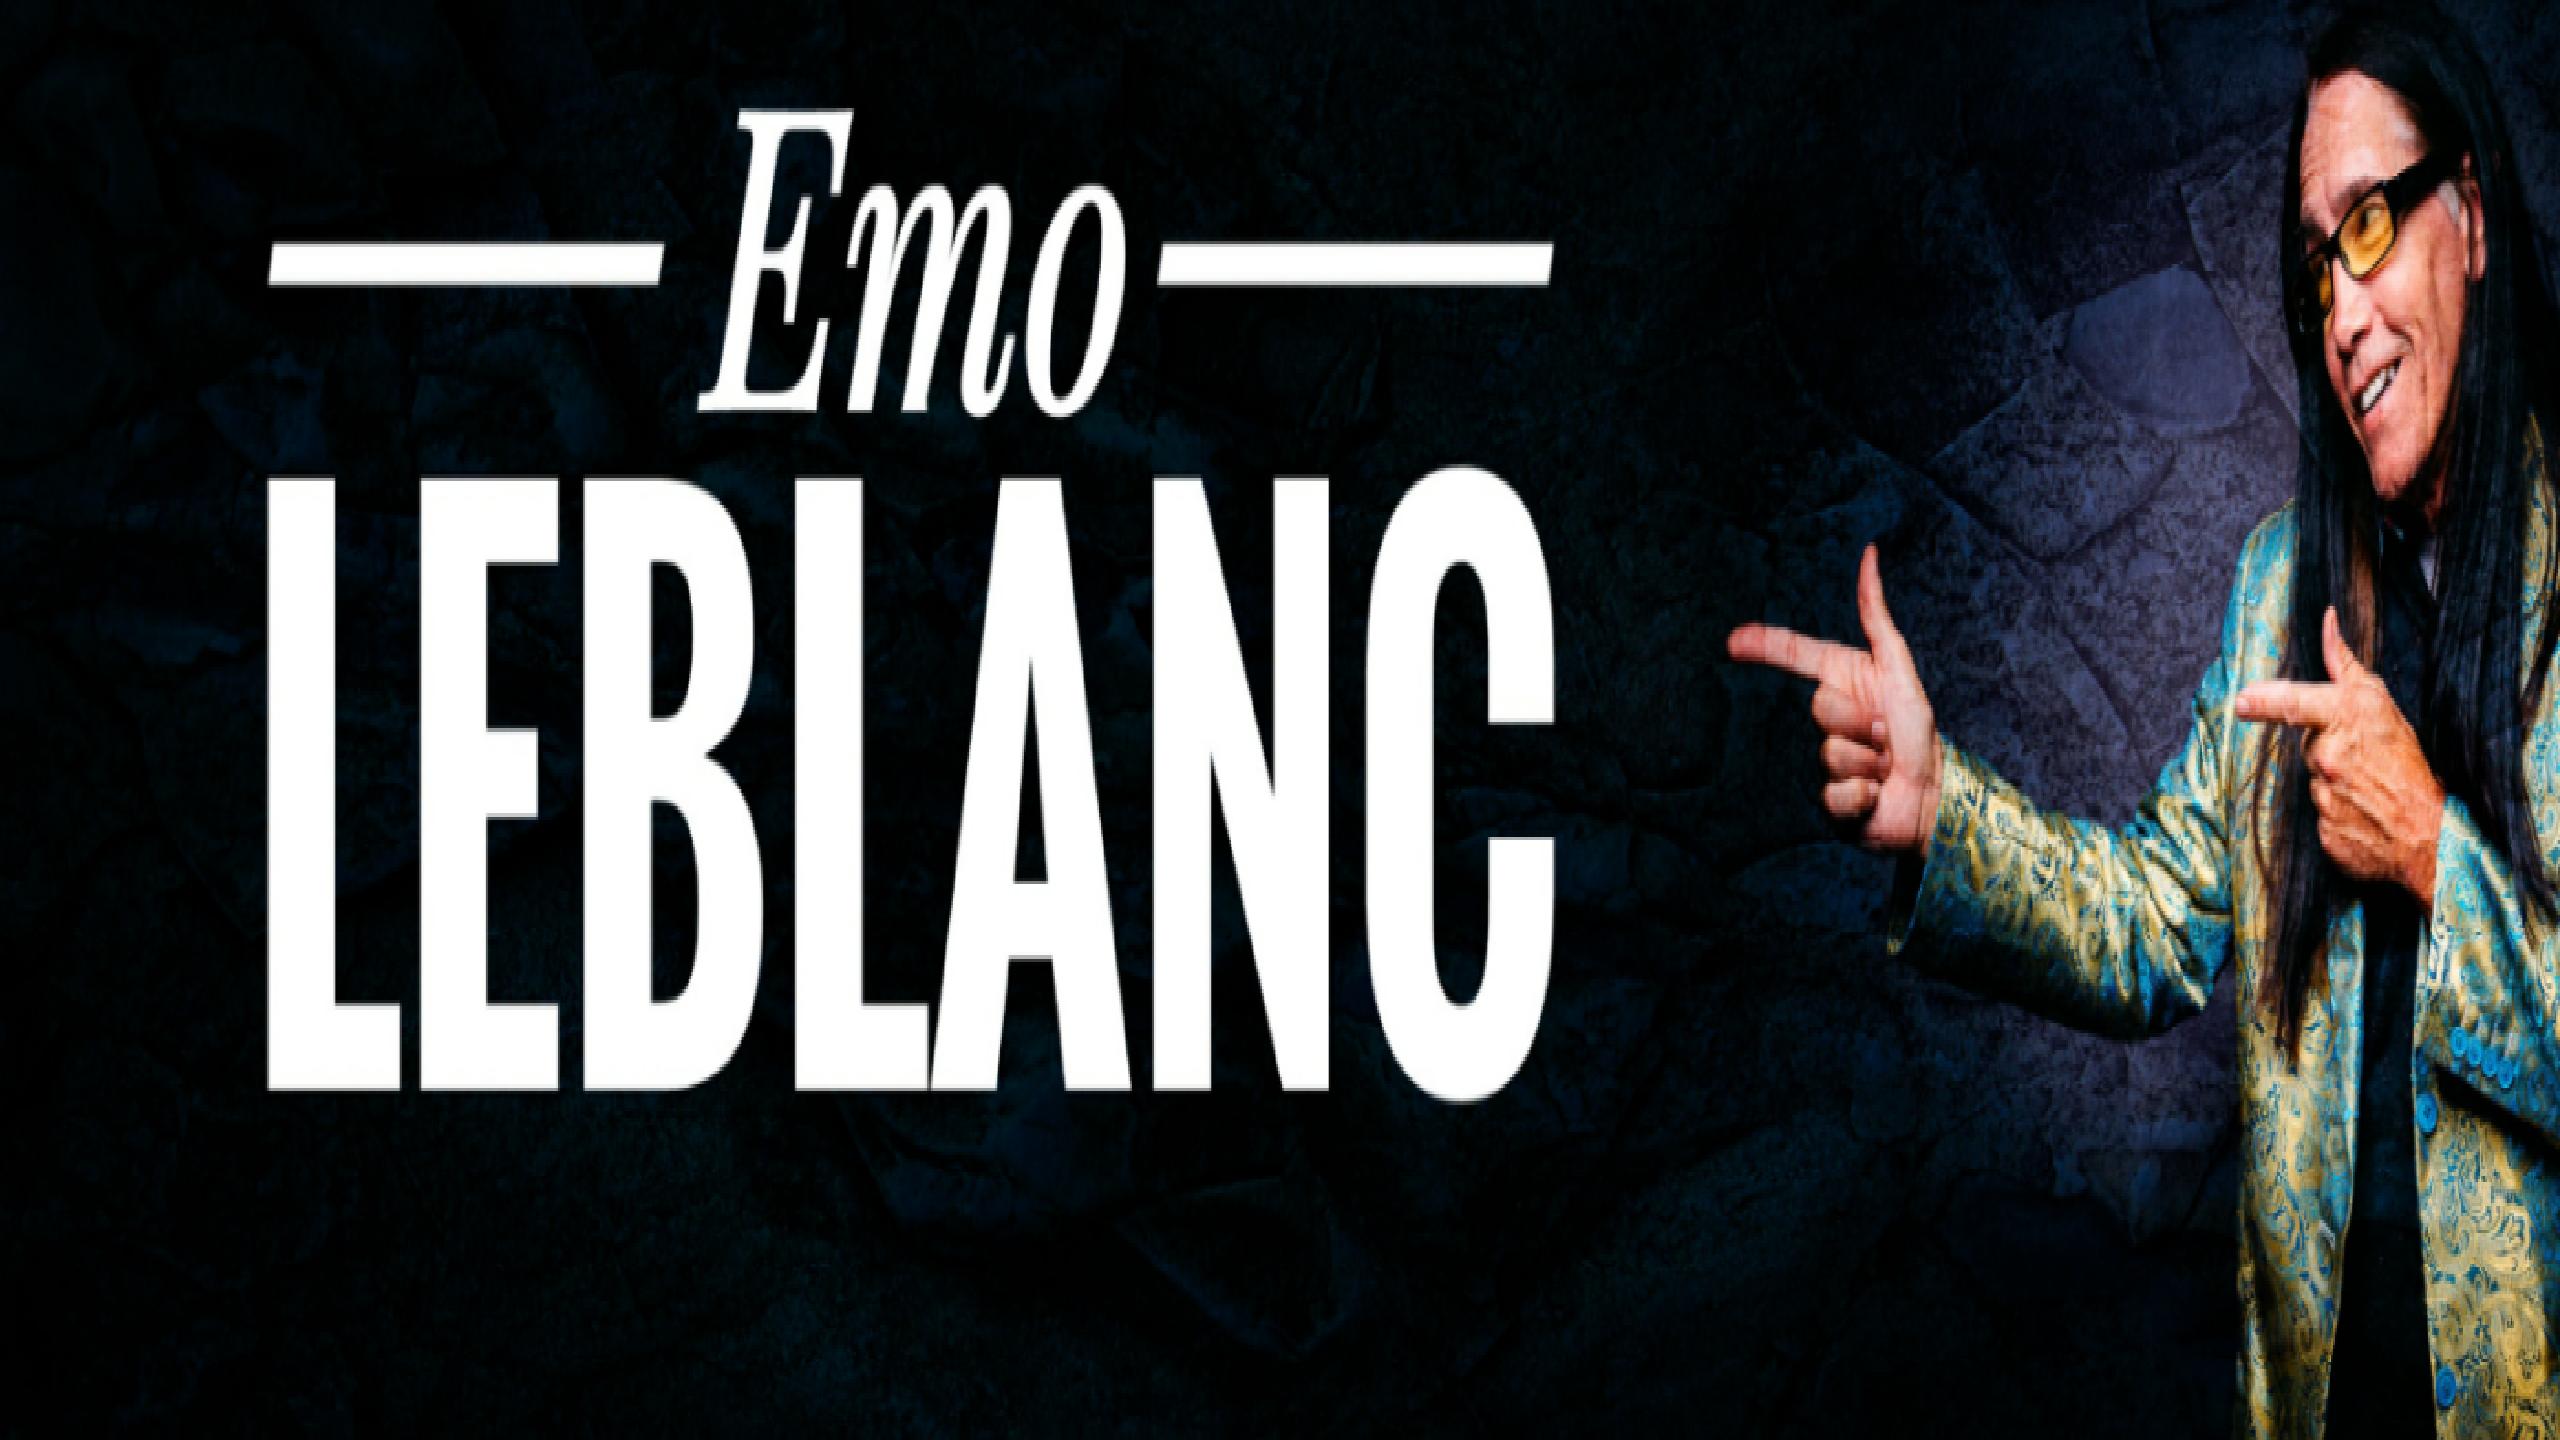 Emo LeBlanc 4